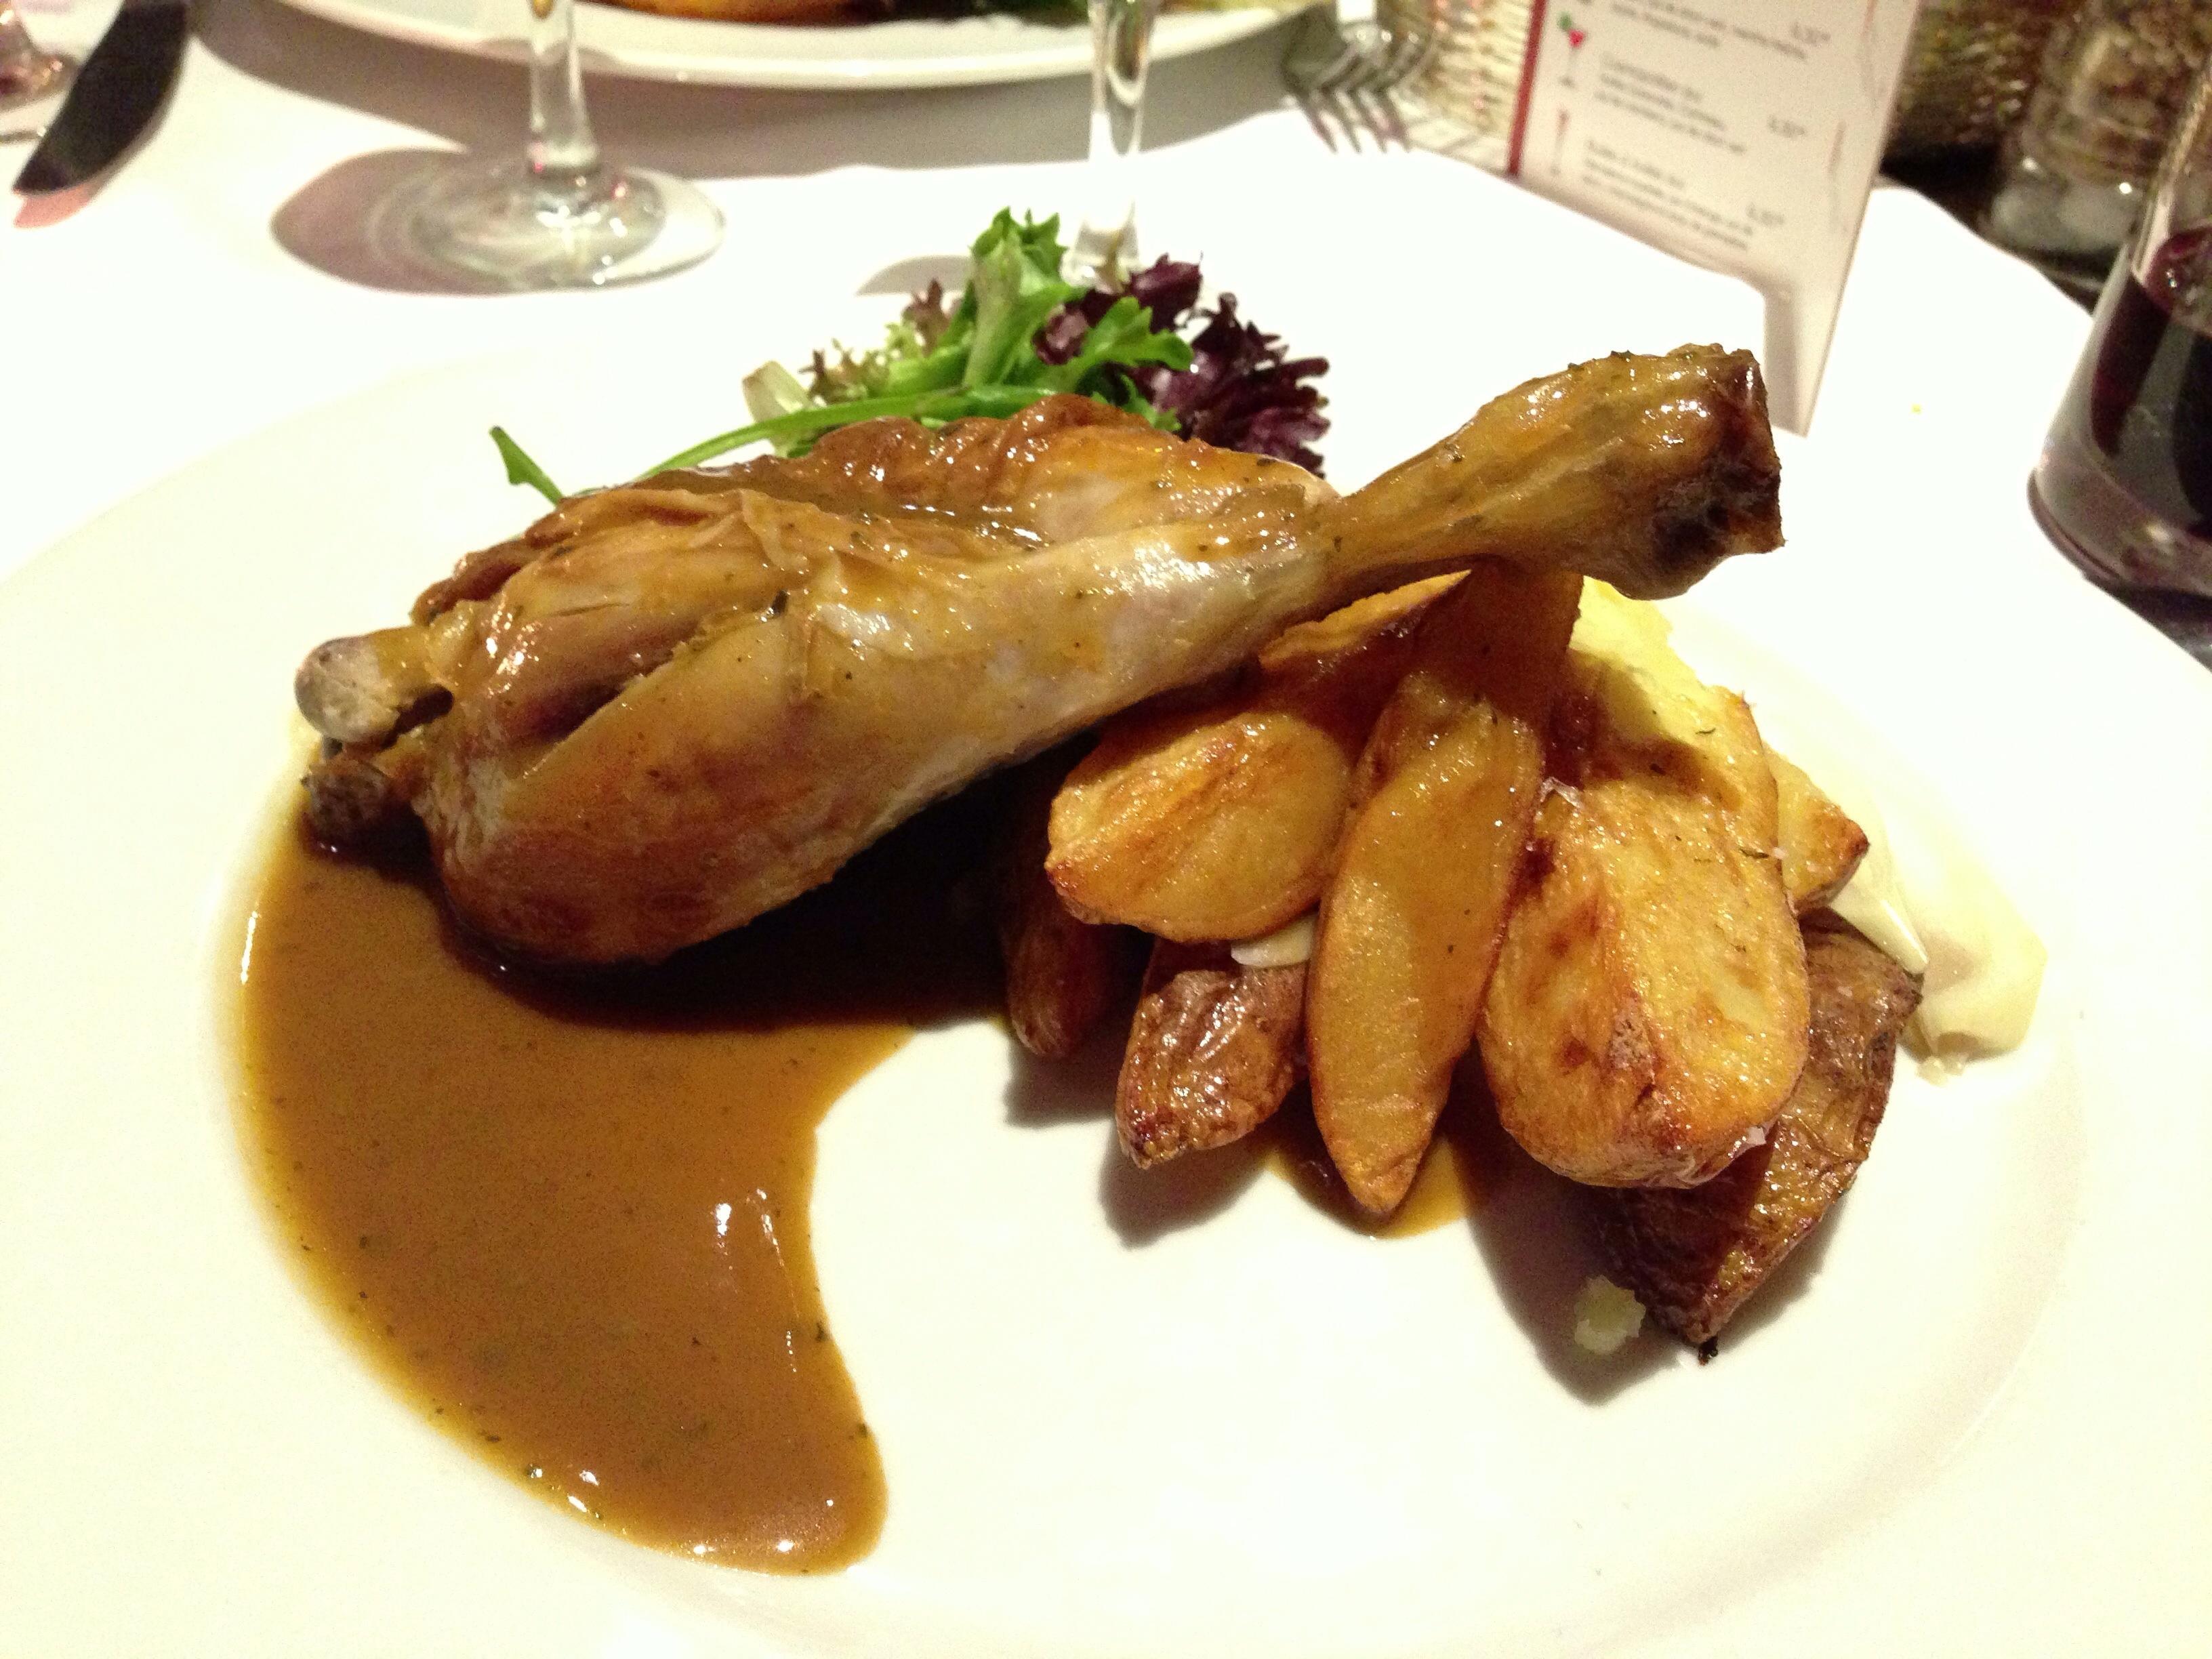 フランスで食べ歩いて、今まで理解できなかったフランス料理の「美味しさ」と「面白さ」に魅了された